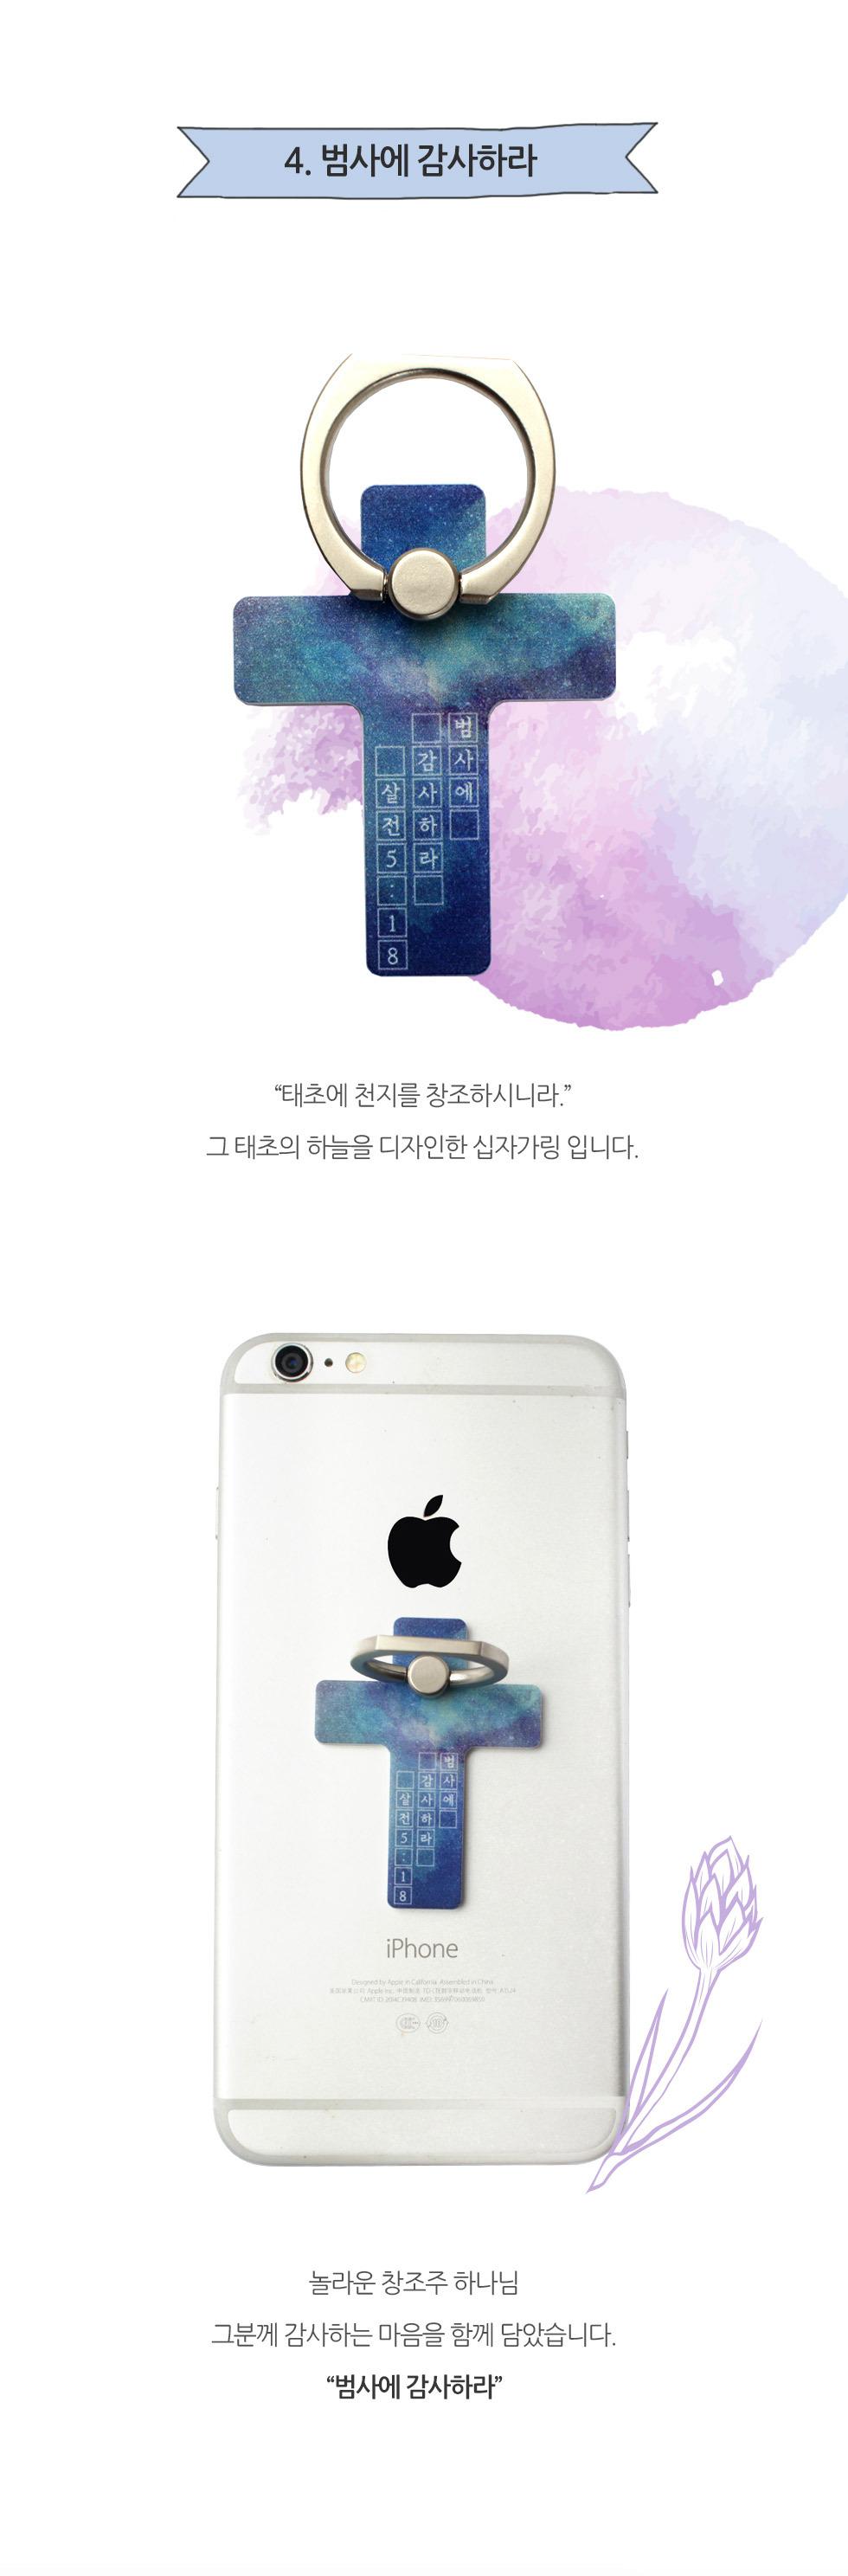 스마트폰 거치대 십자가링 2탄 제품보기4